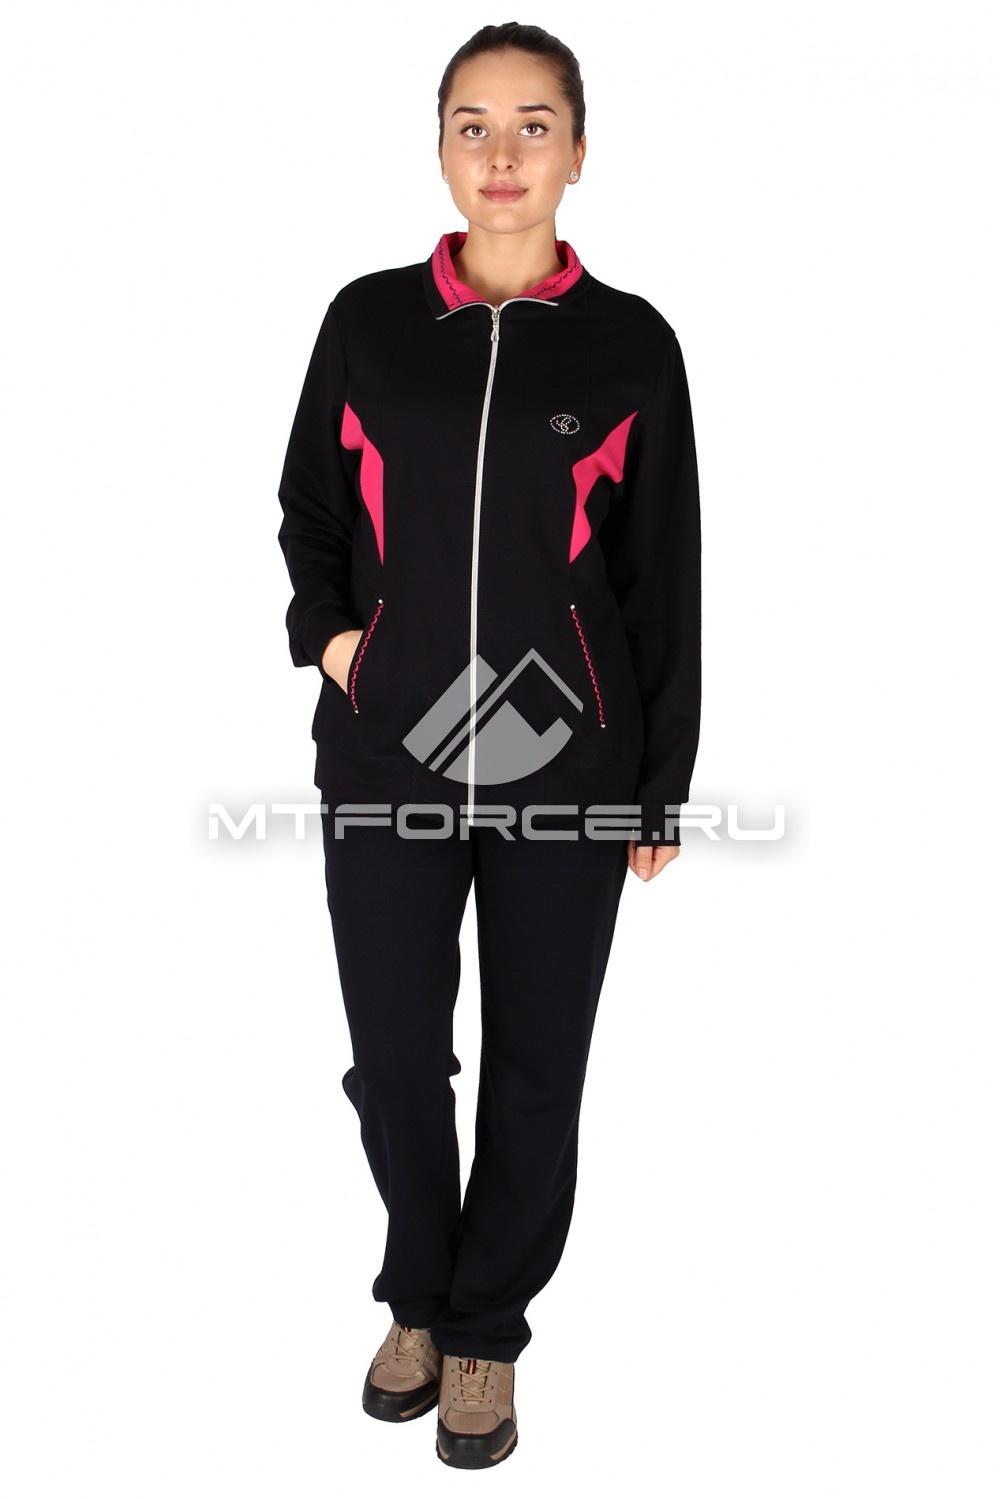 Купить                                  оптом Спортивный костюм женский большого размера черного цвета 0022Ch